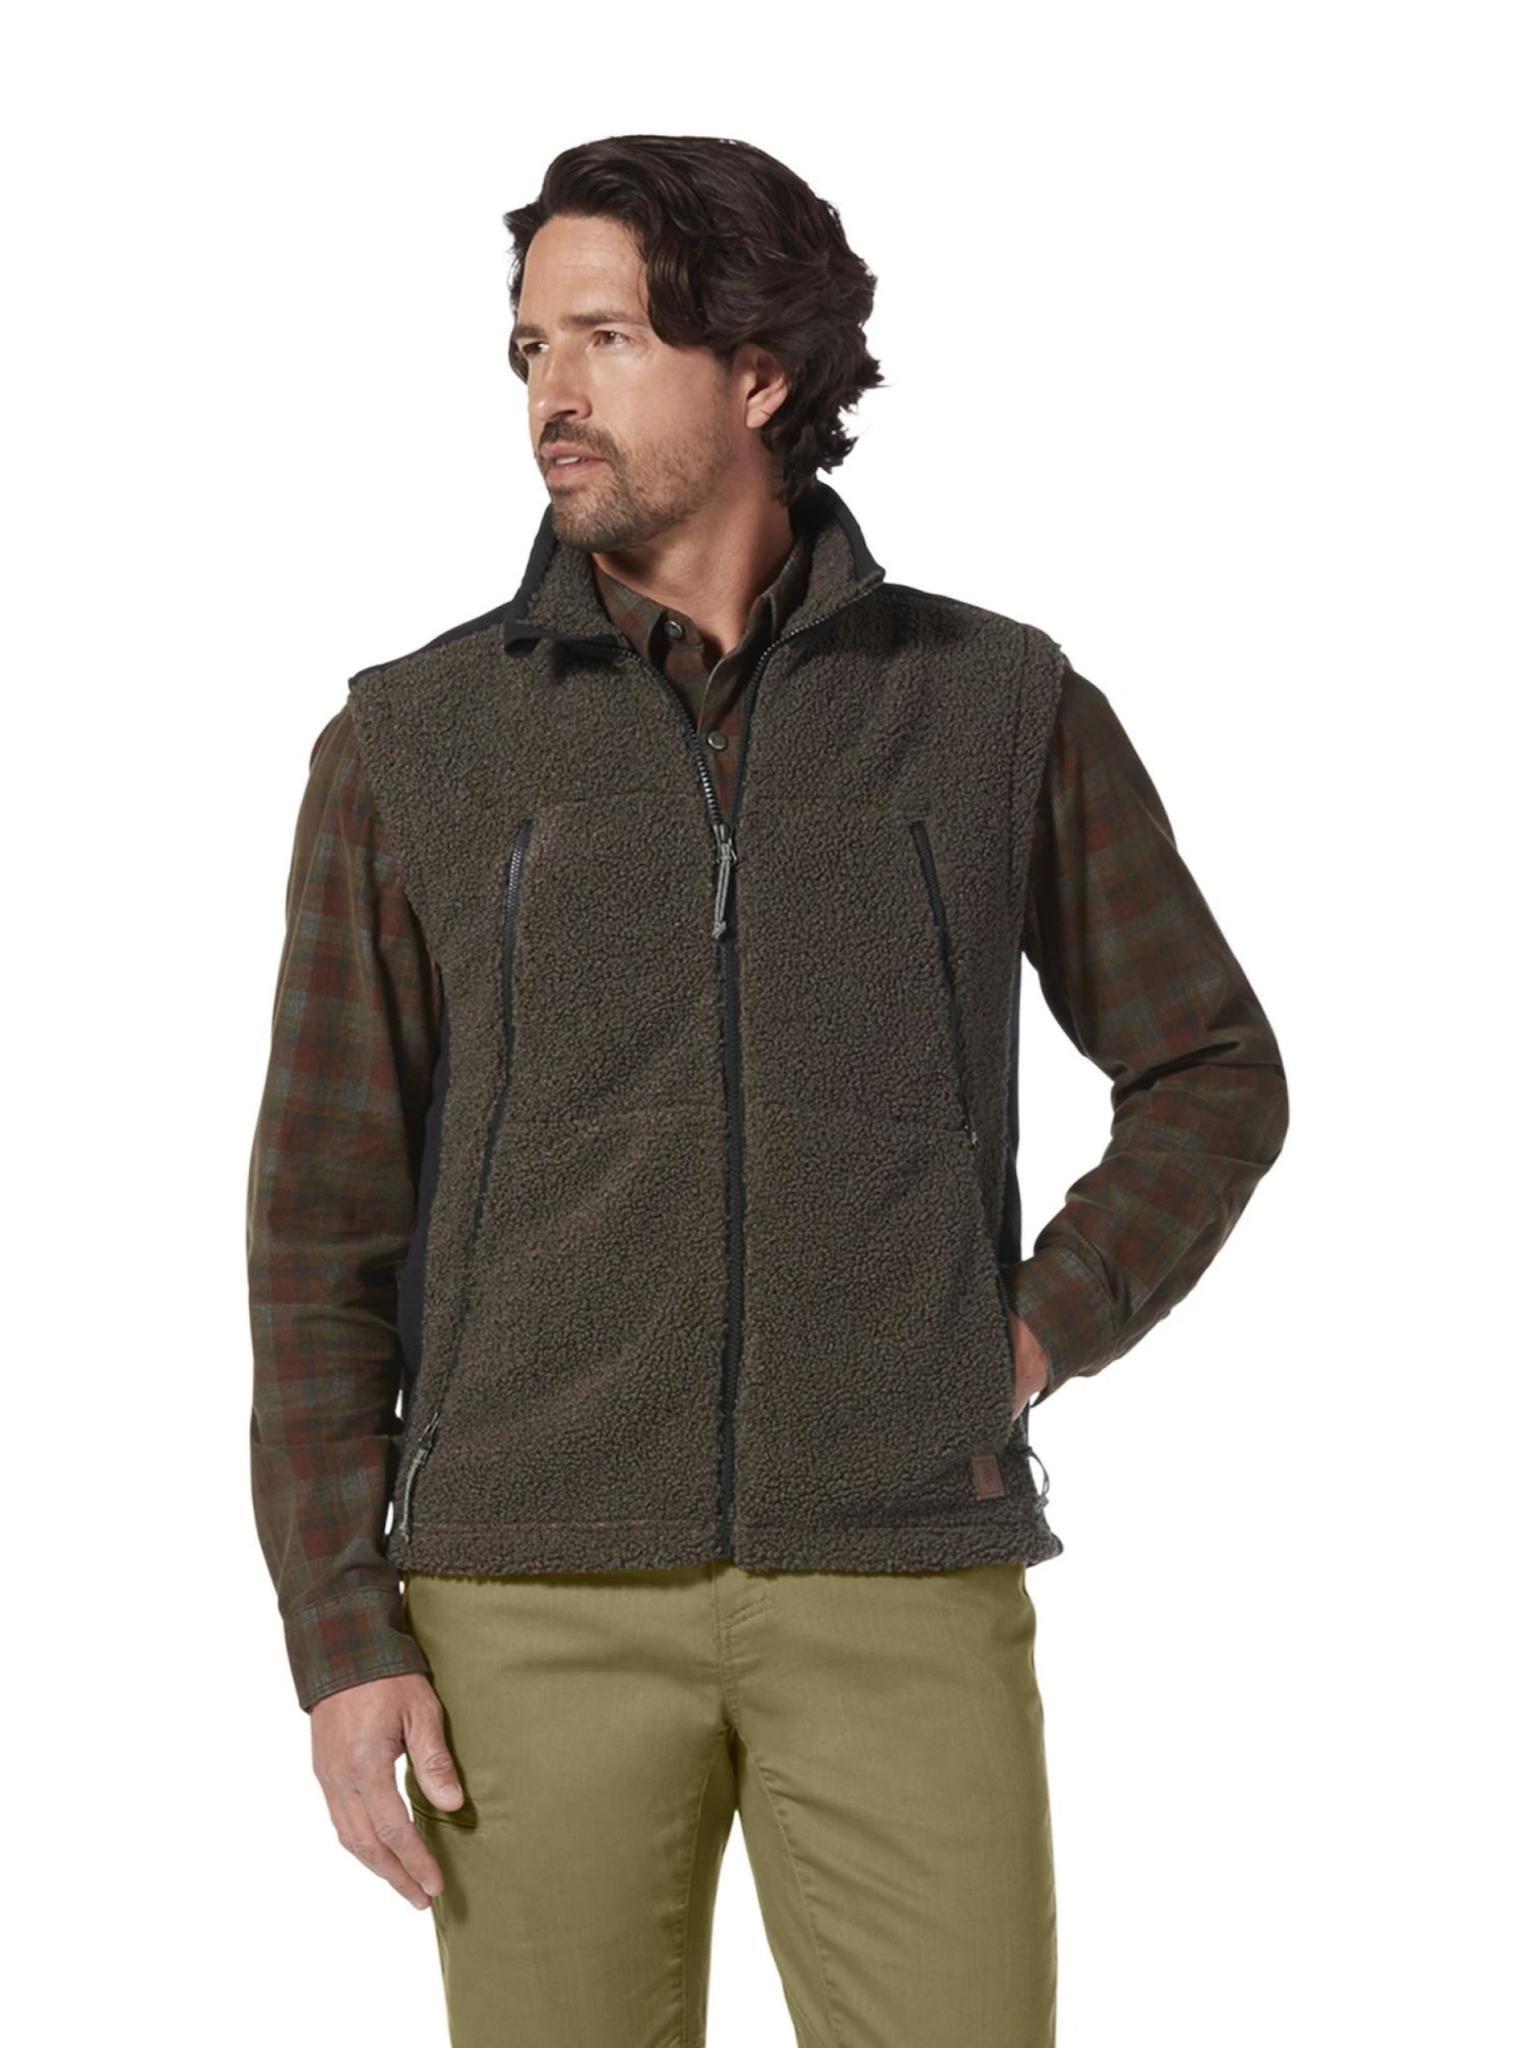 Royal Robbins Men's Outerzone Fleece Vest